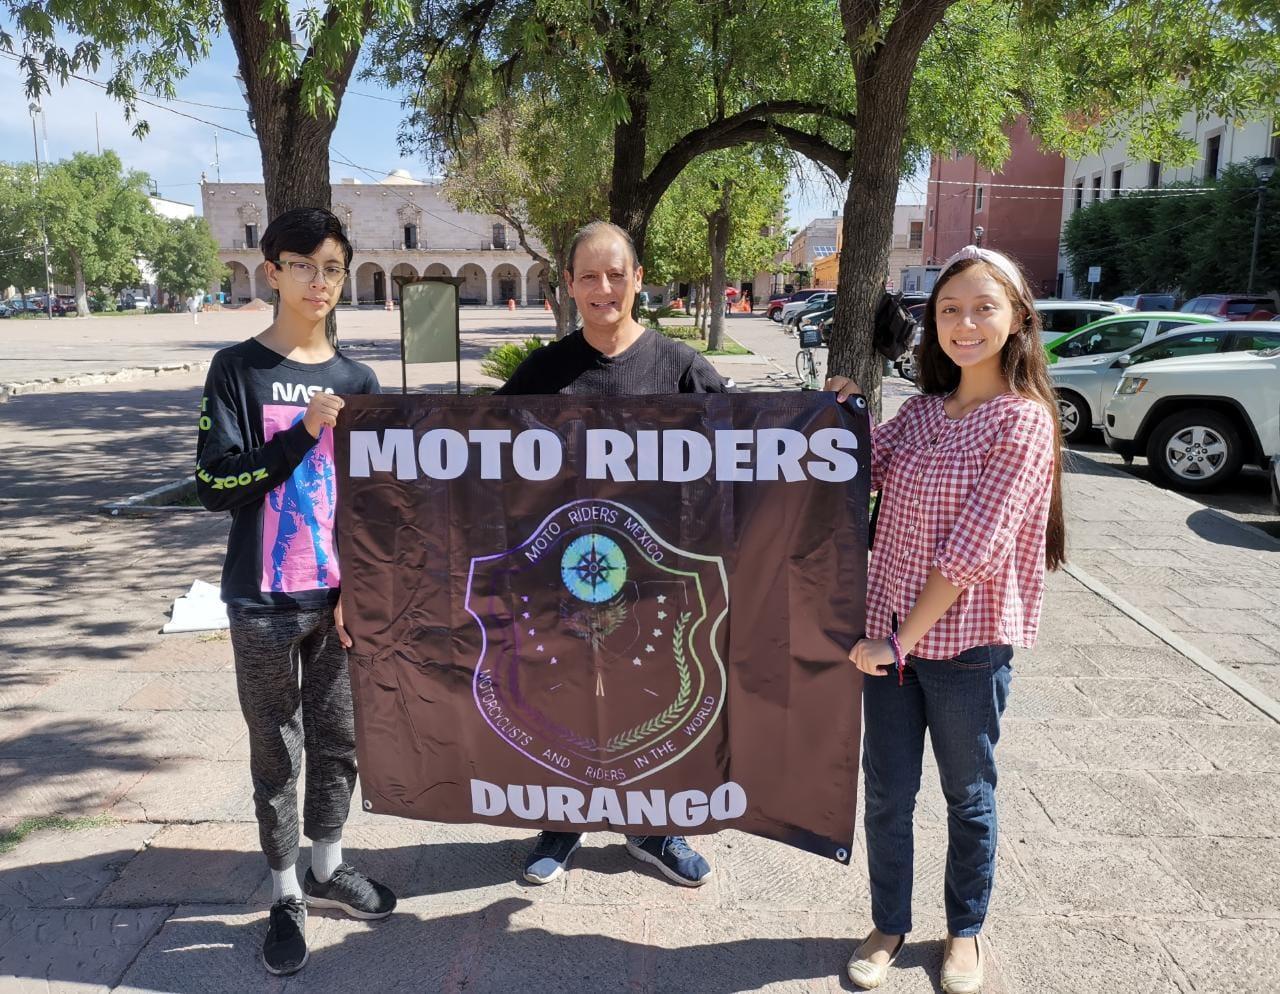 Durango recibirá a cientos de motociclistas